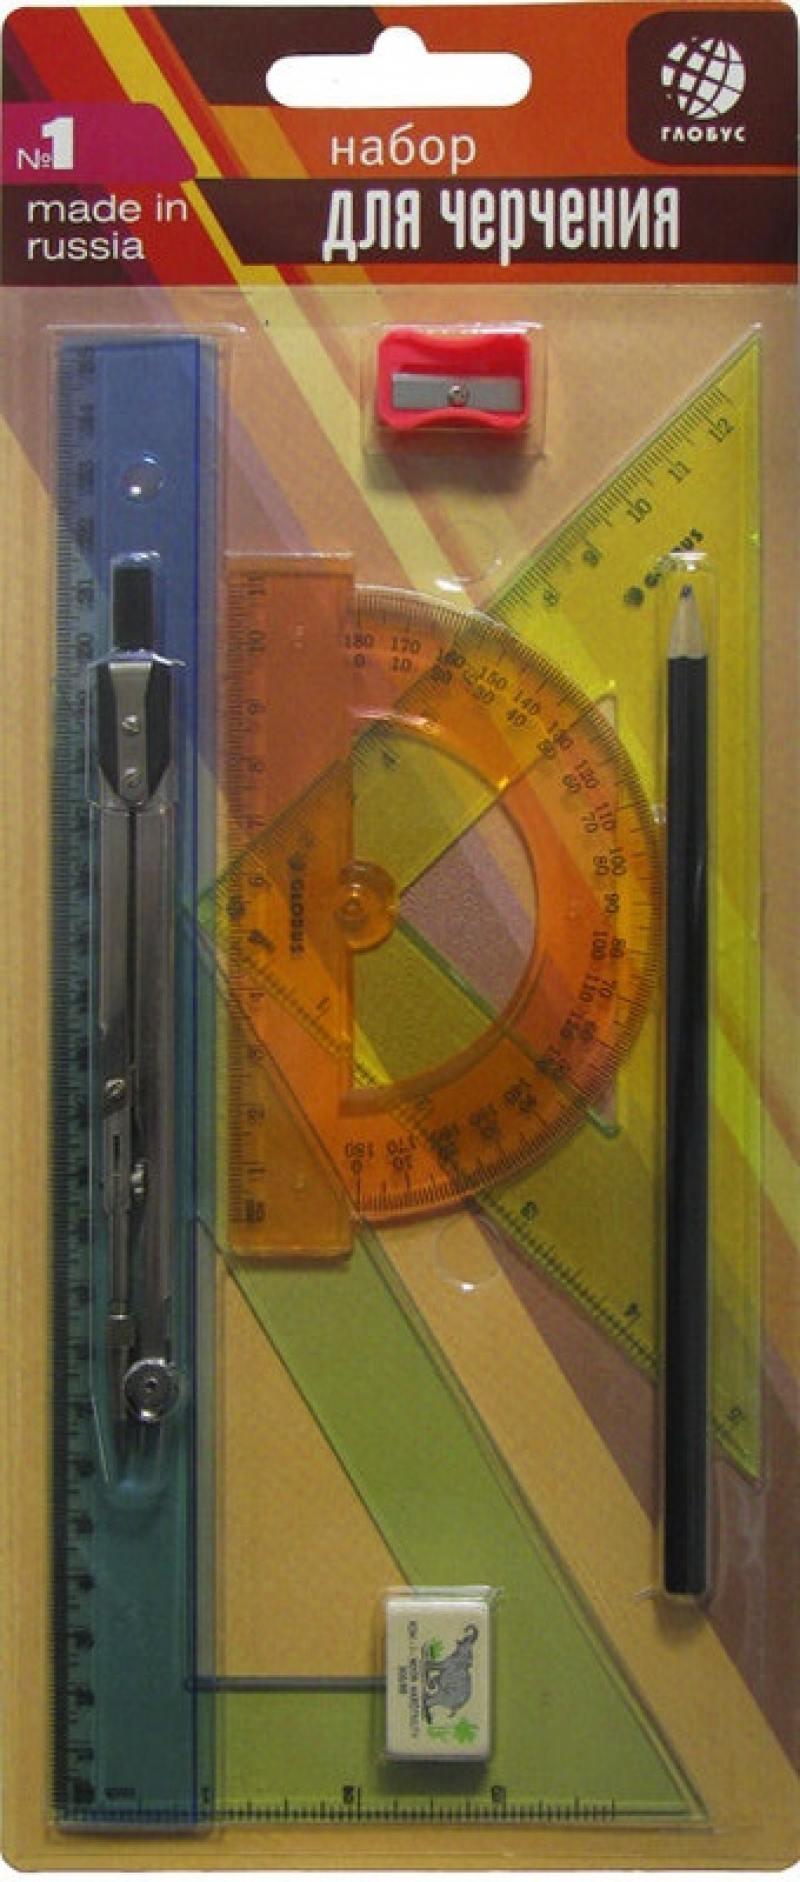 Набор геометрический, 8 предметов (циркуль стальной, никелир. (70) L-155), в блистере